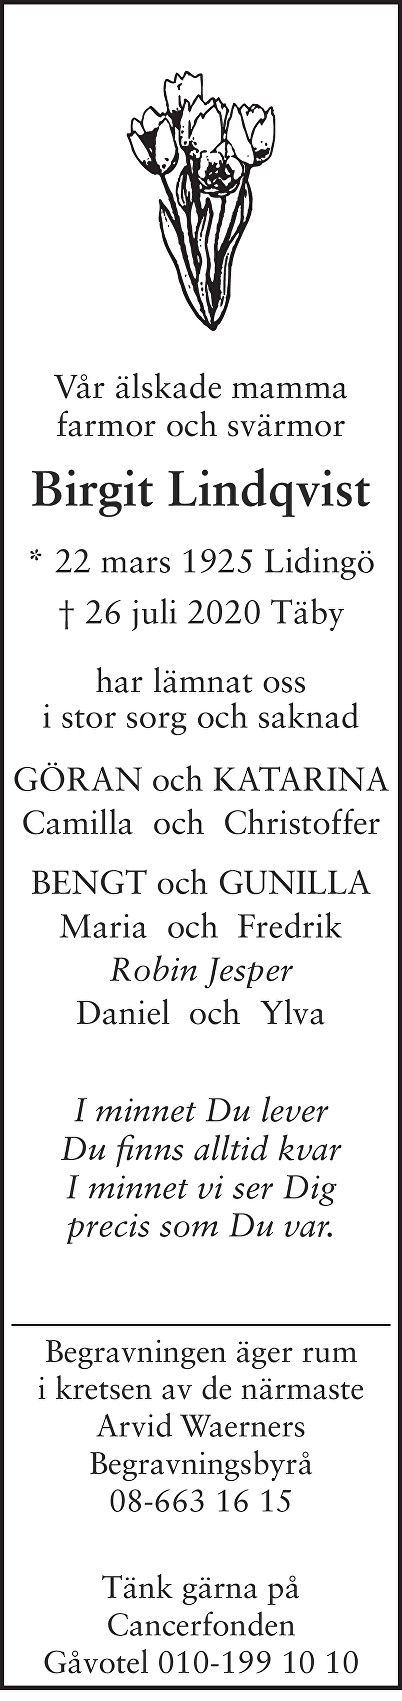 Birgit Lindqvist Death notice